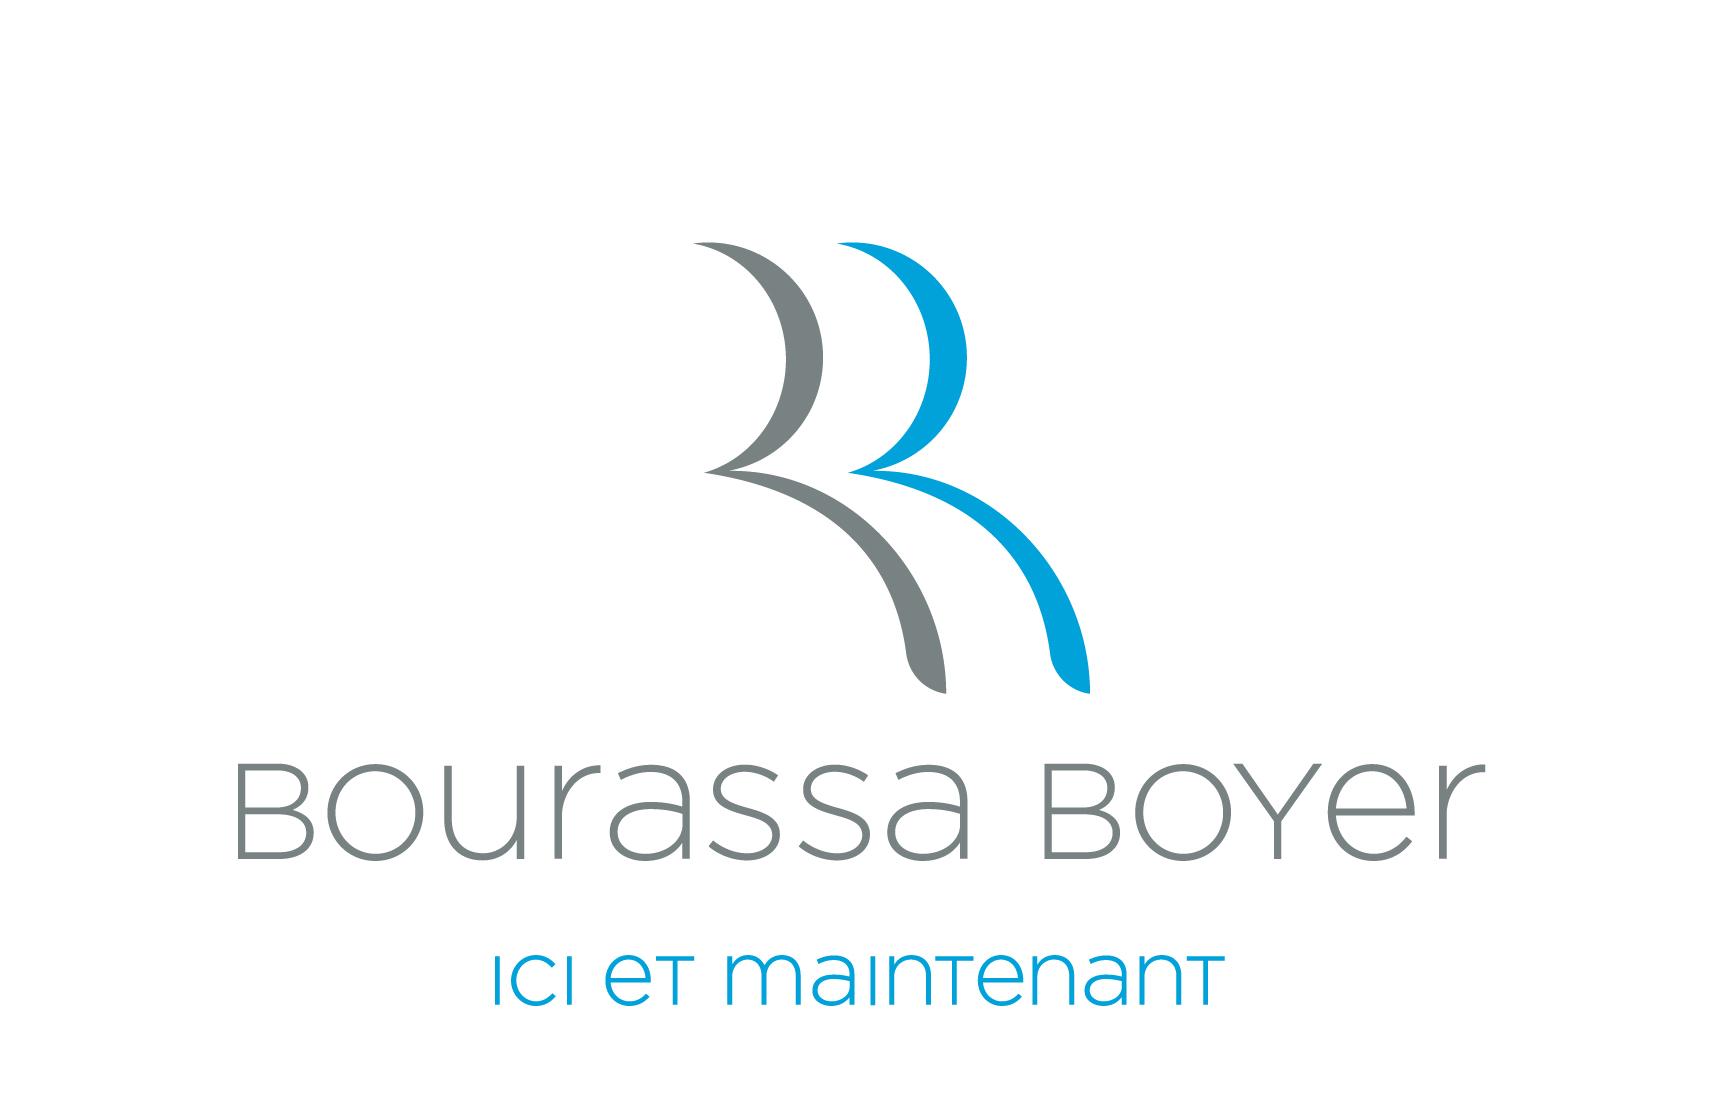 Bourassa Boyer